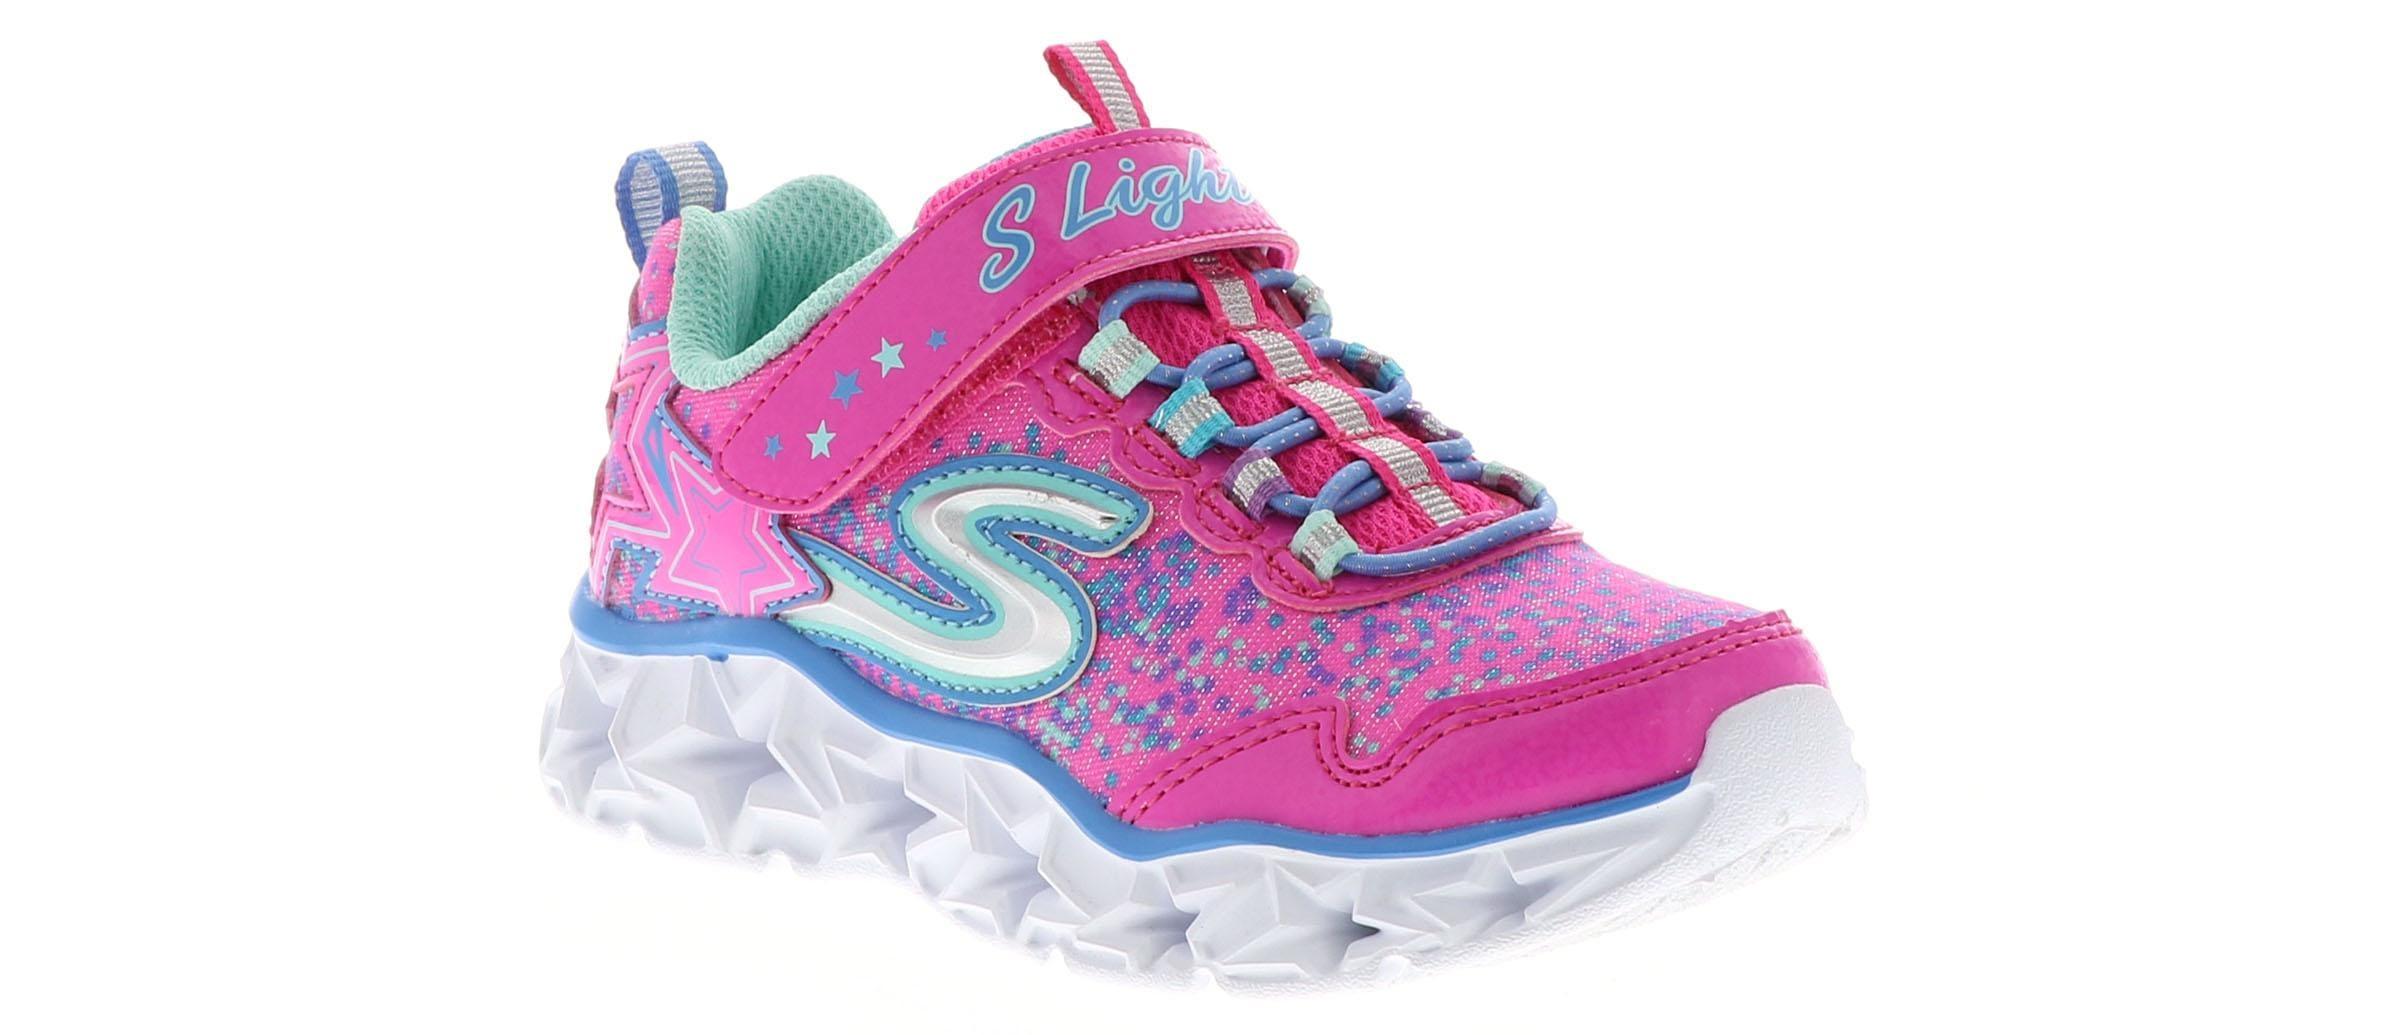 Skechers Girls HEART LIGHTS purplemulti light up sneakers